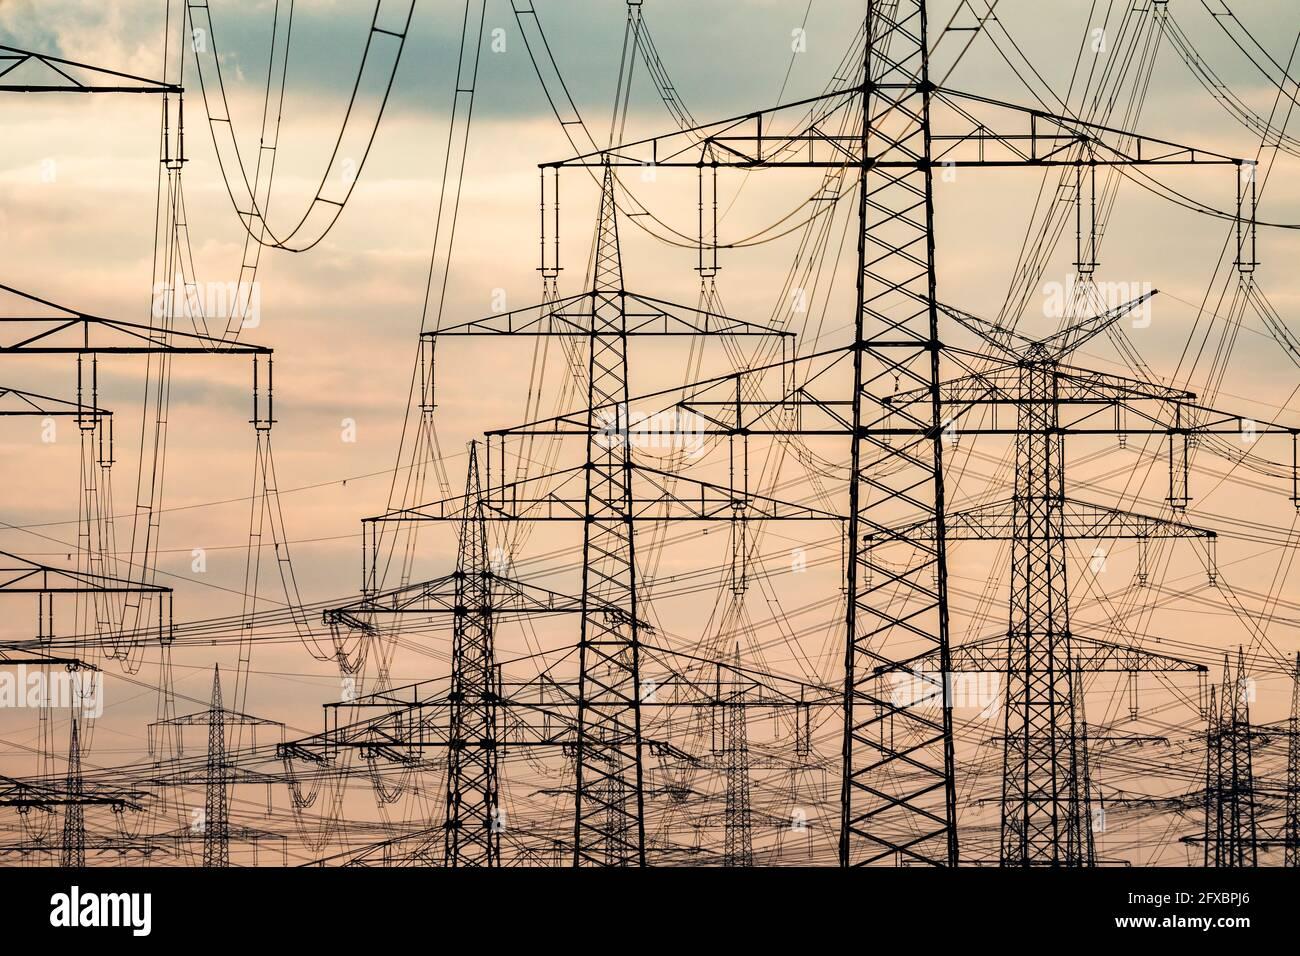 Strommasten, Stromtrasse bei Sonnenuntergang, Niederaußem, Nordrhein-Westfalen, Deutschland Stock Photo